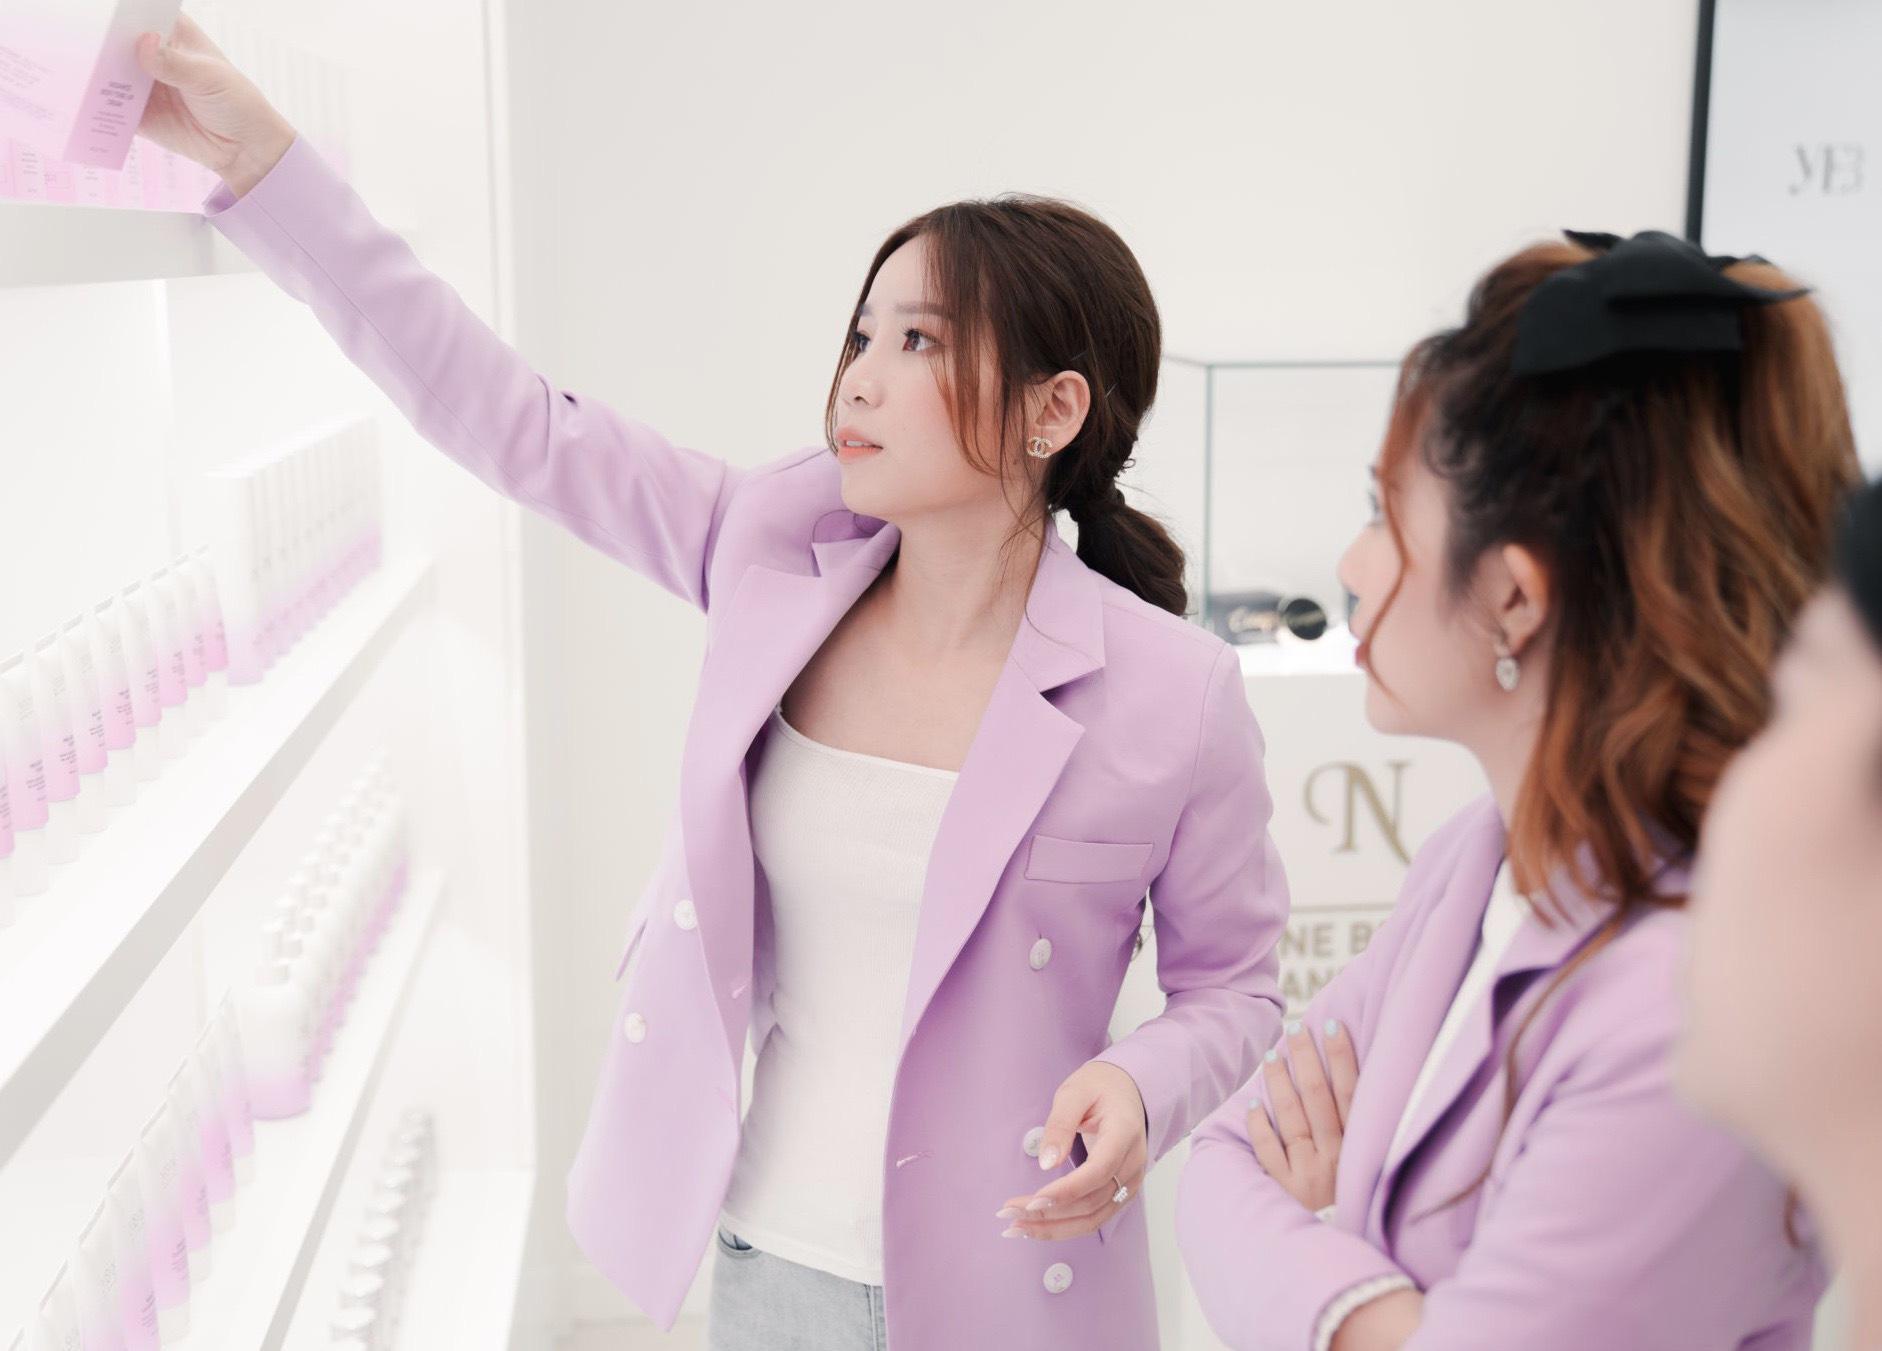 """Bật mí bí quyết """"sinh tồn"""" ở Hàn Quốc của nữ doanh nhân trẻ - Ảnh 2."""